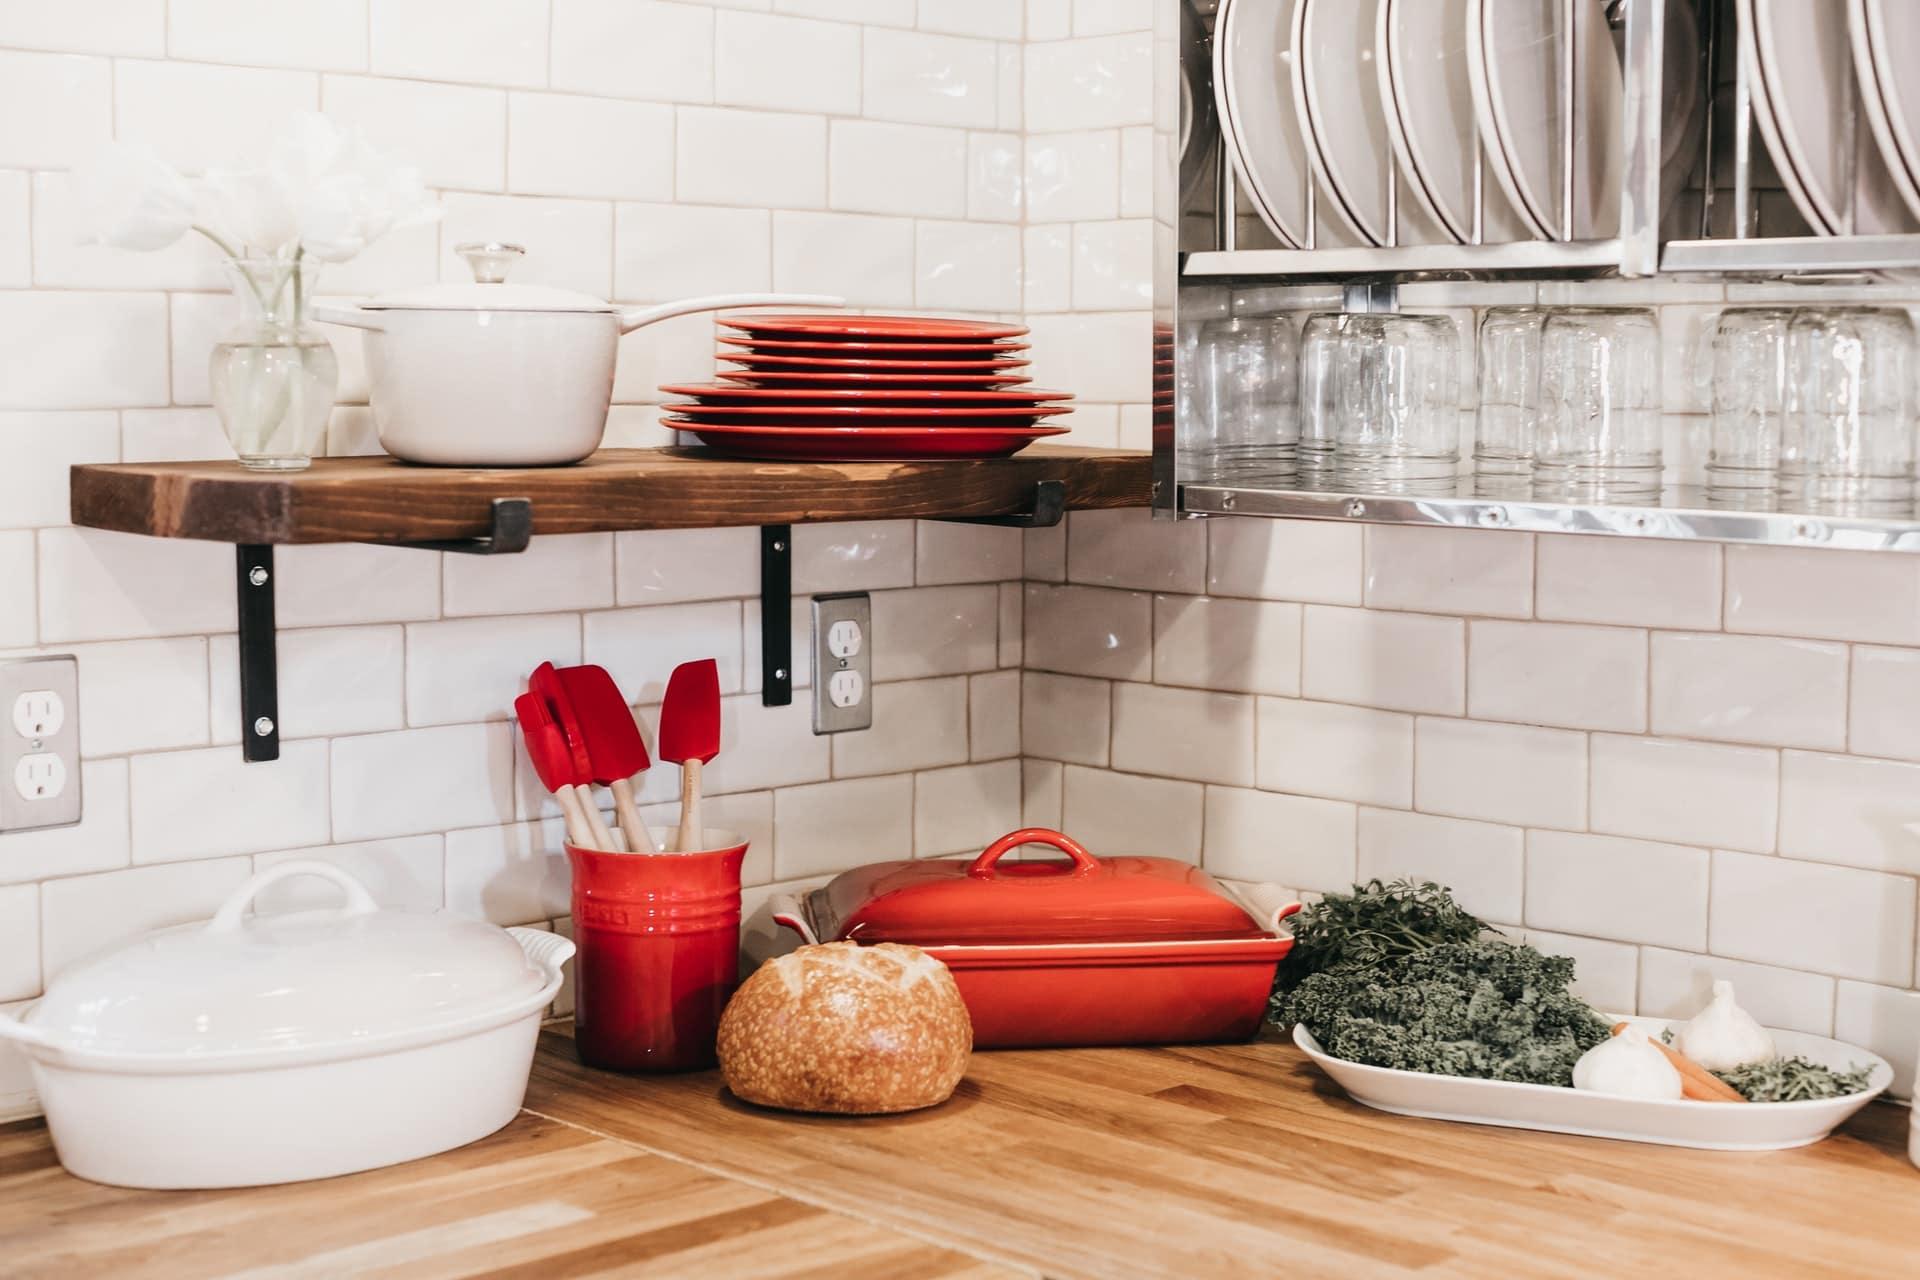 modern backsplash in a kitchen